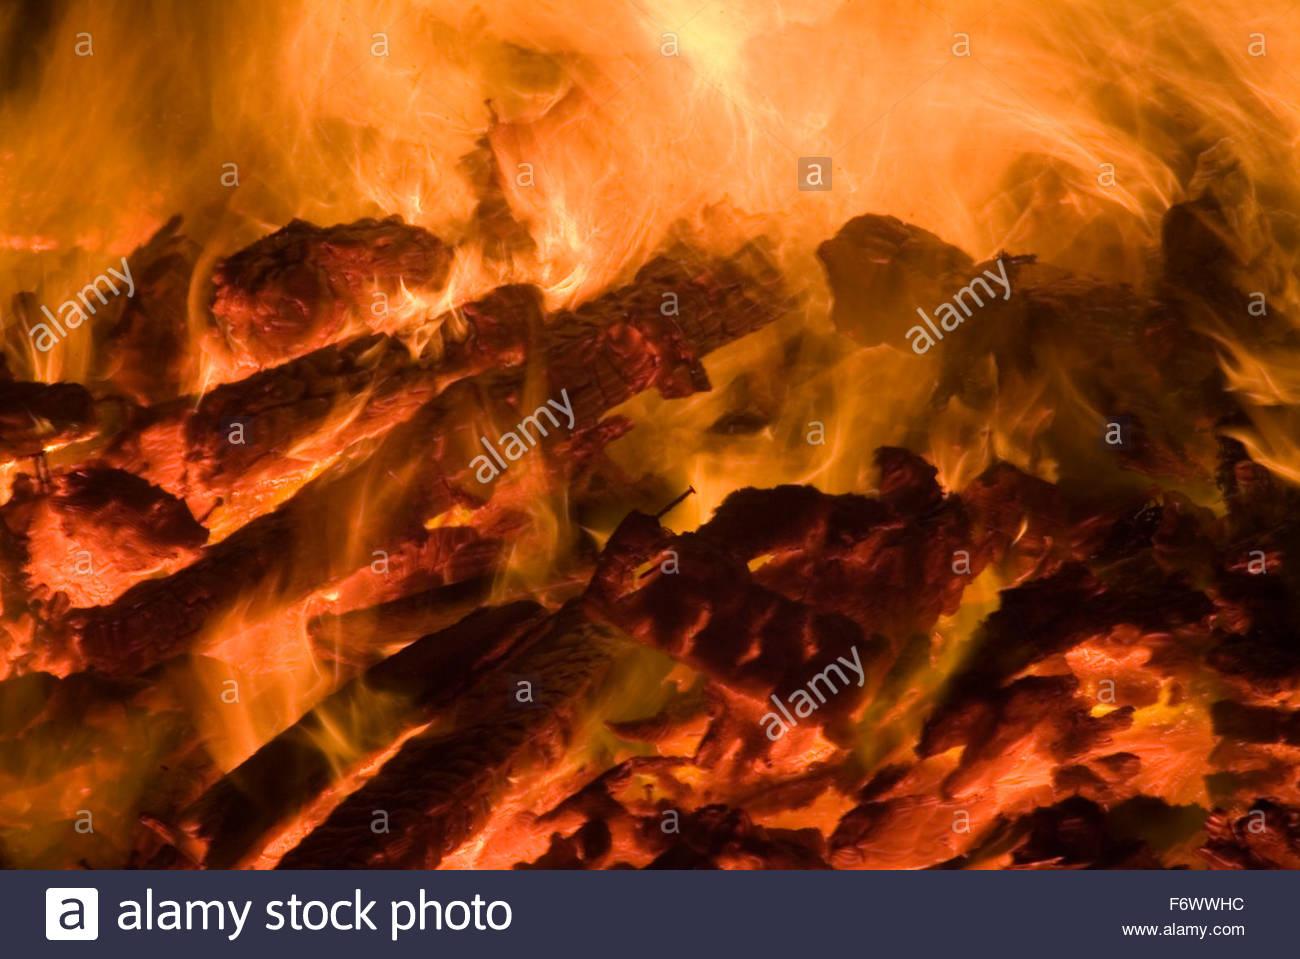 Burning Wood - Stock Image